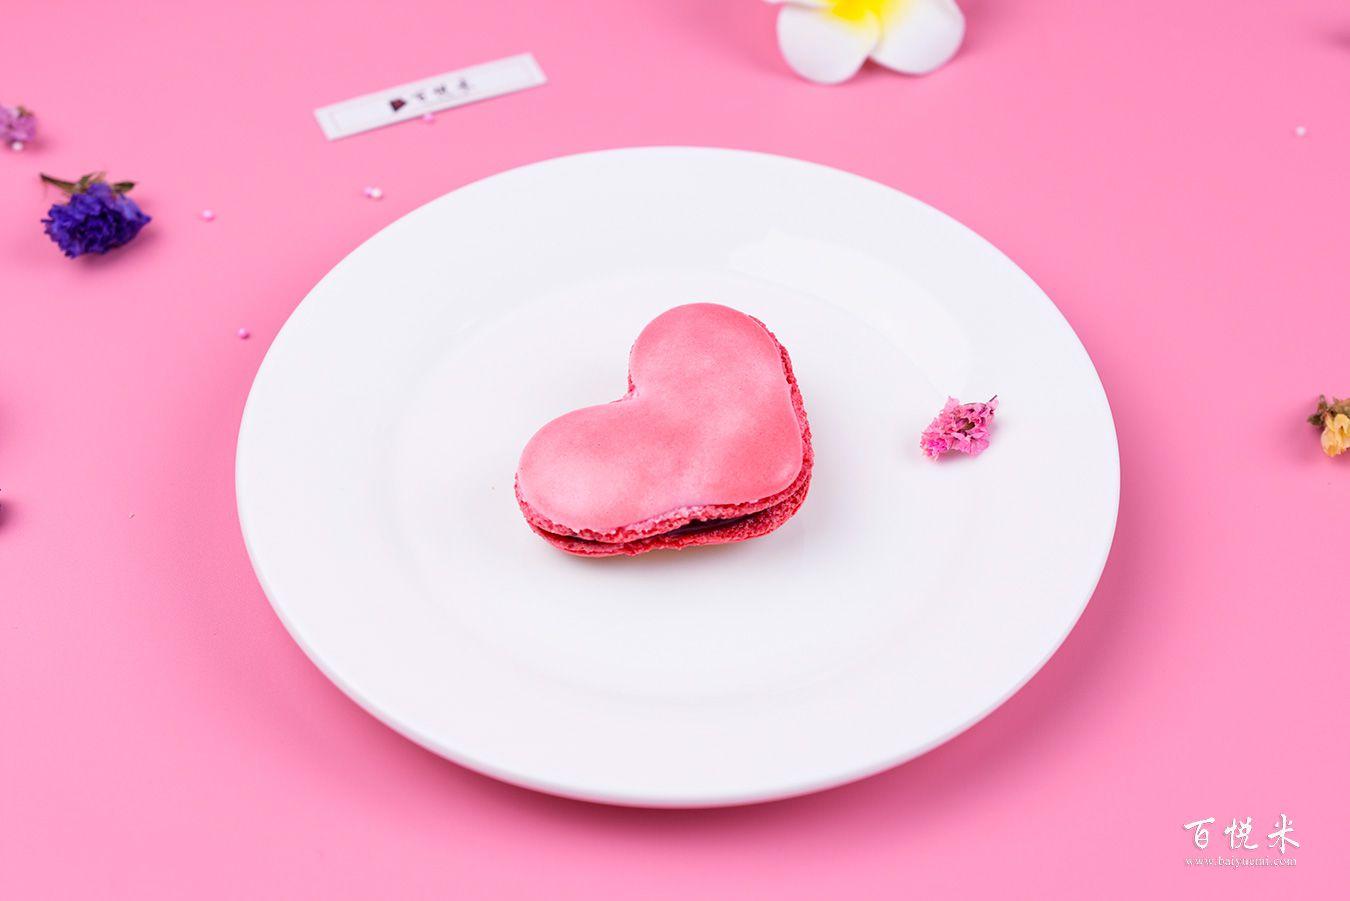 爱心马卡龙高清图片大全【蛋糕图片】_728